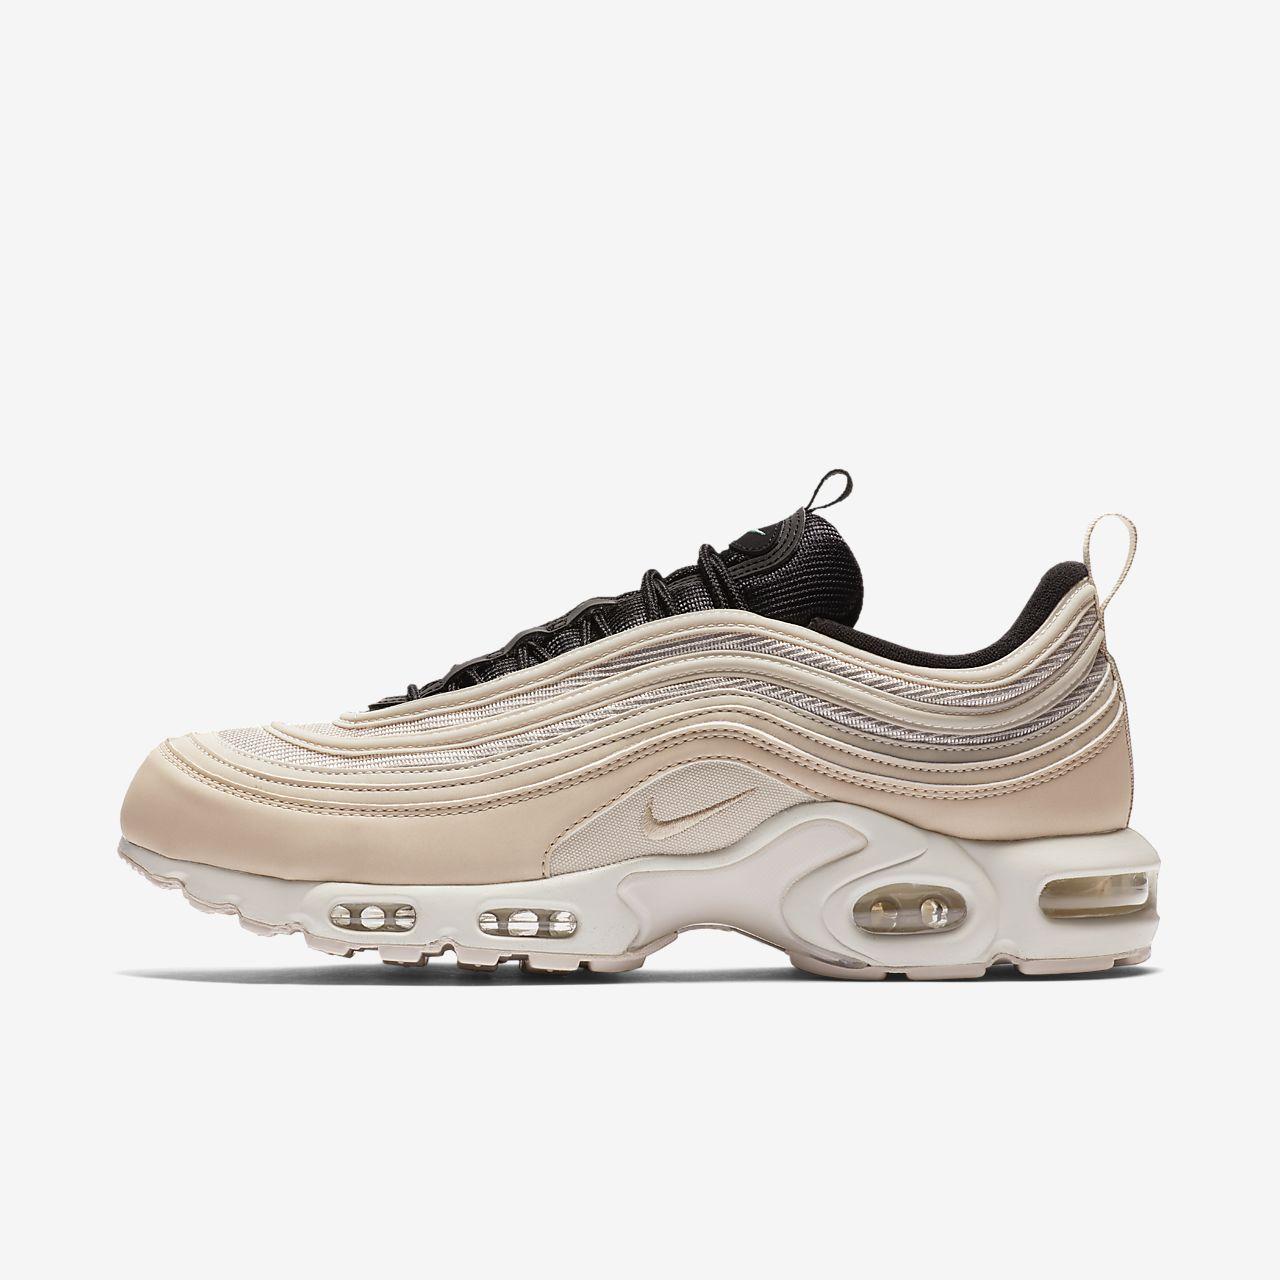 huge discount 0b367 8e499 ... Nike Air Max Plus 97 Men s Shoe